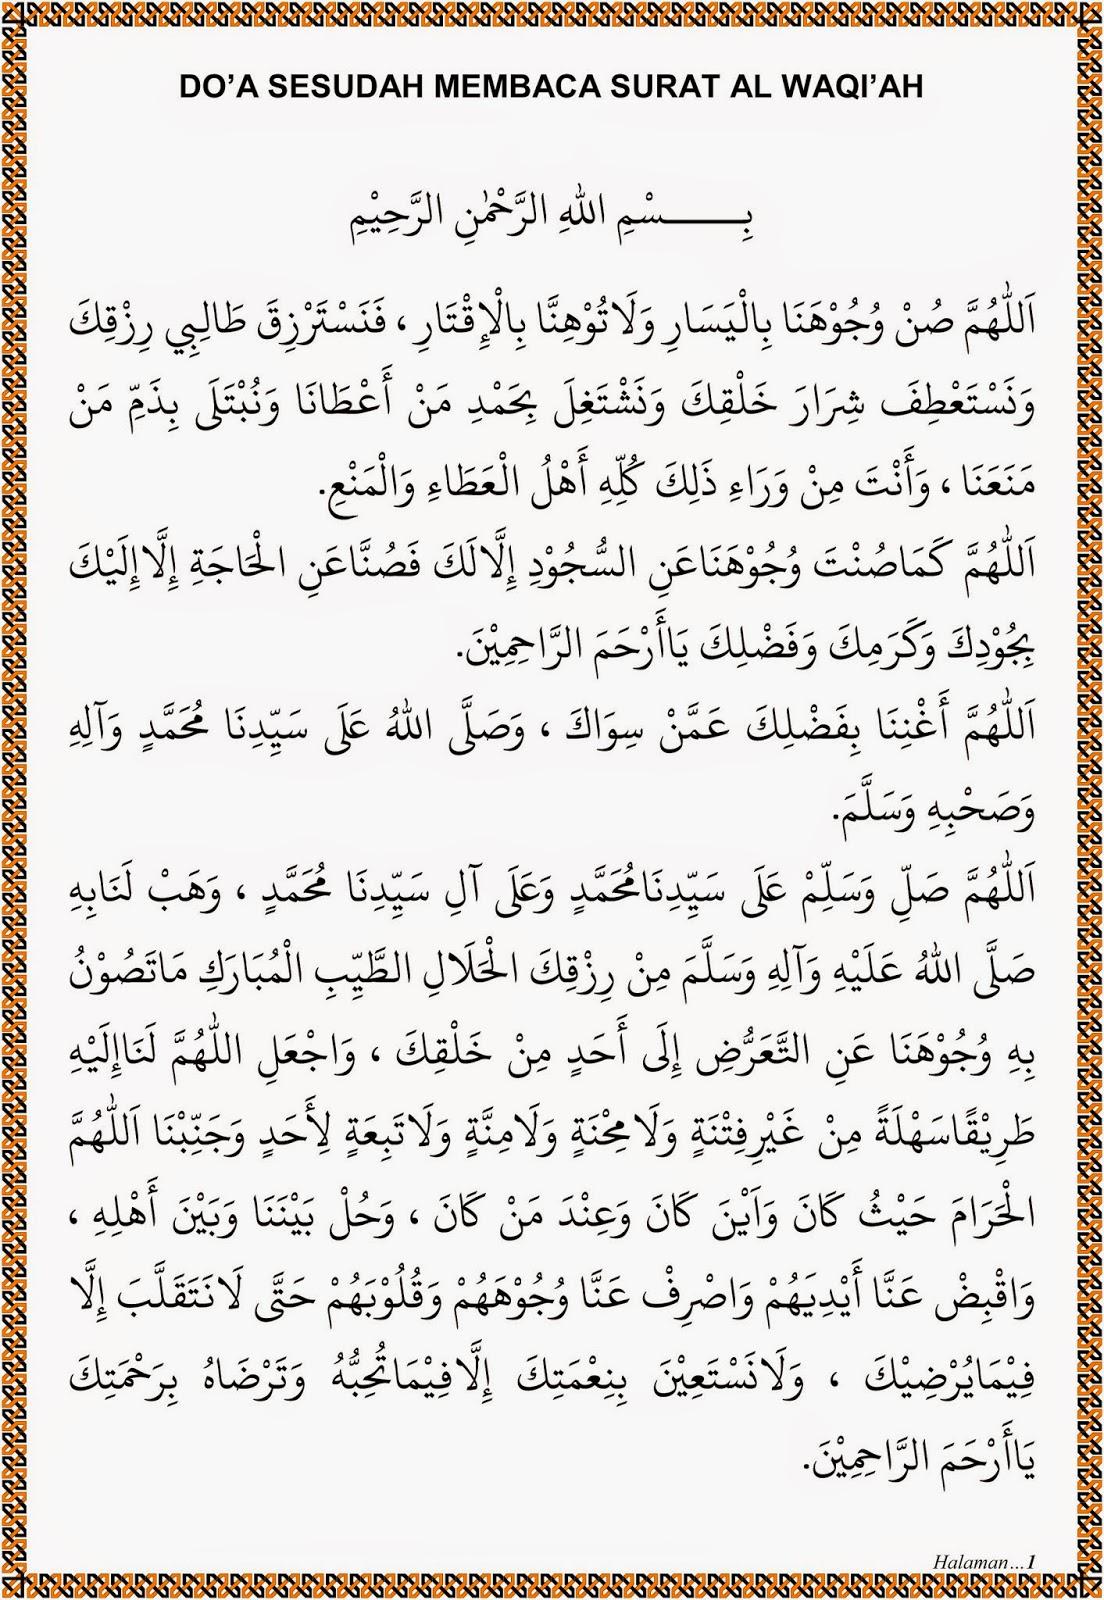 Doa Sesudah Membaca Surat Al Waqiah Majelis Talim